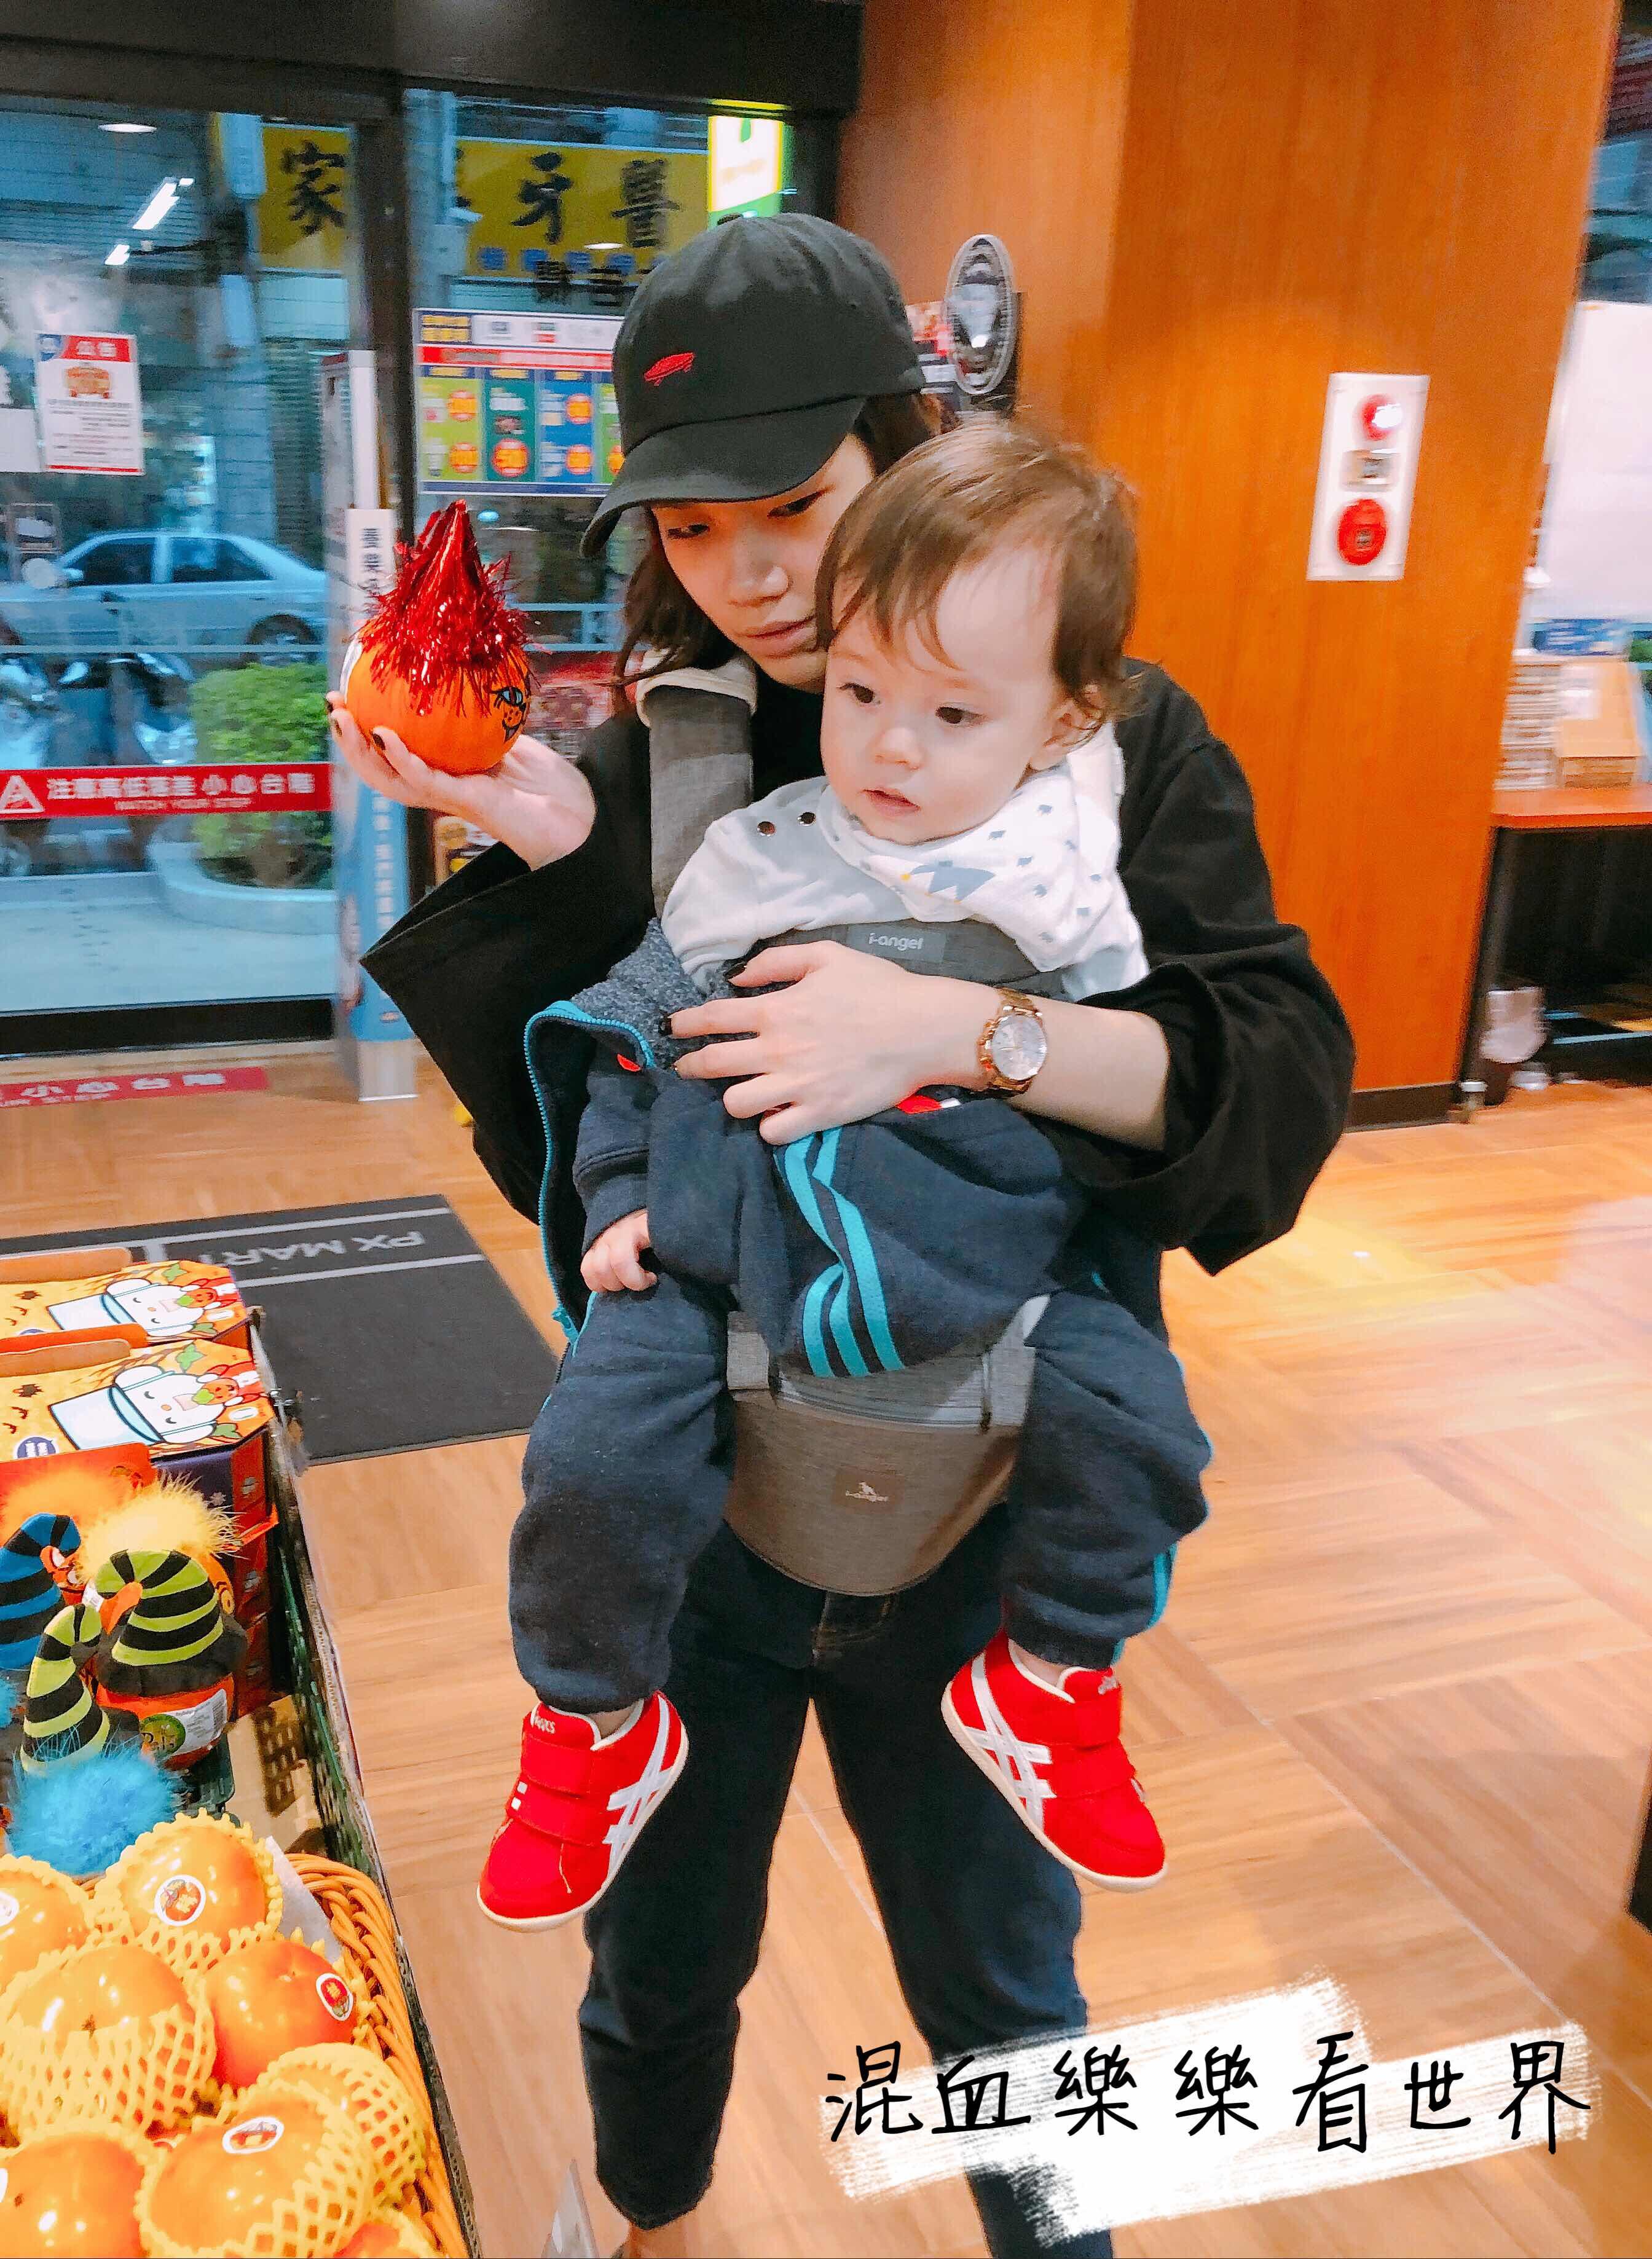 簡約不失高效能 全球首創可摺疊收納的寶寶嬰兒背巾《i-angel Magic7 可摺疊座椅式背巾》